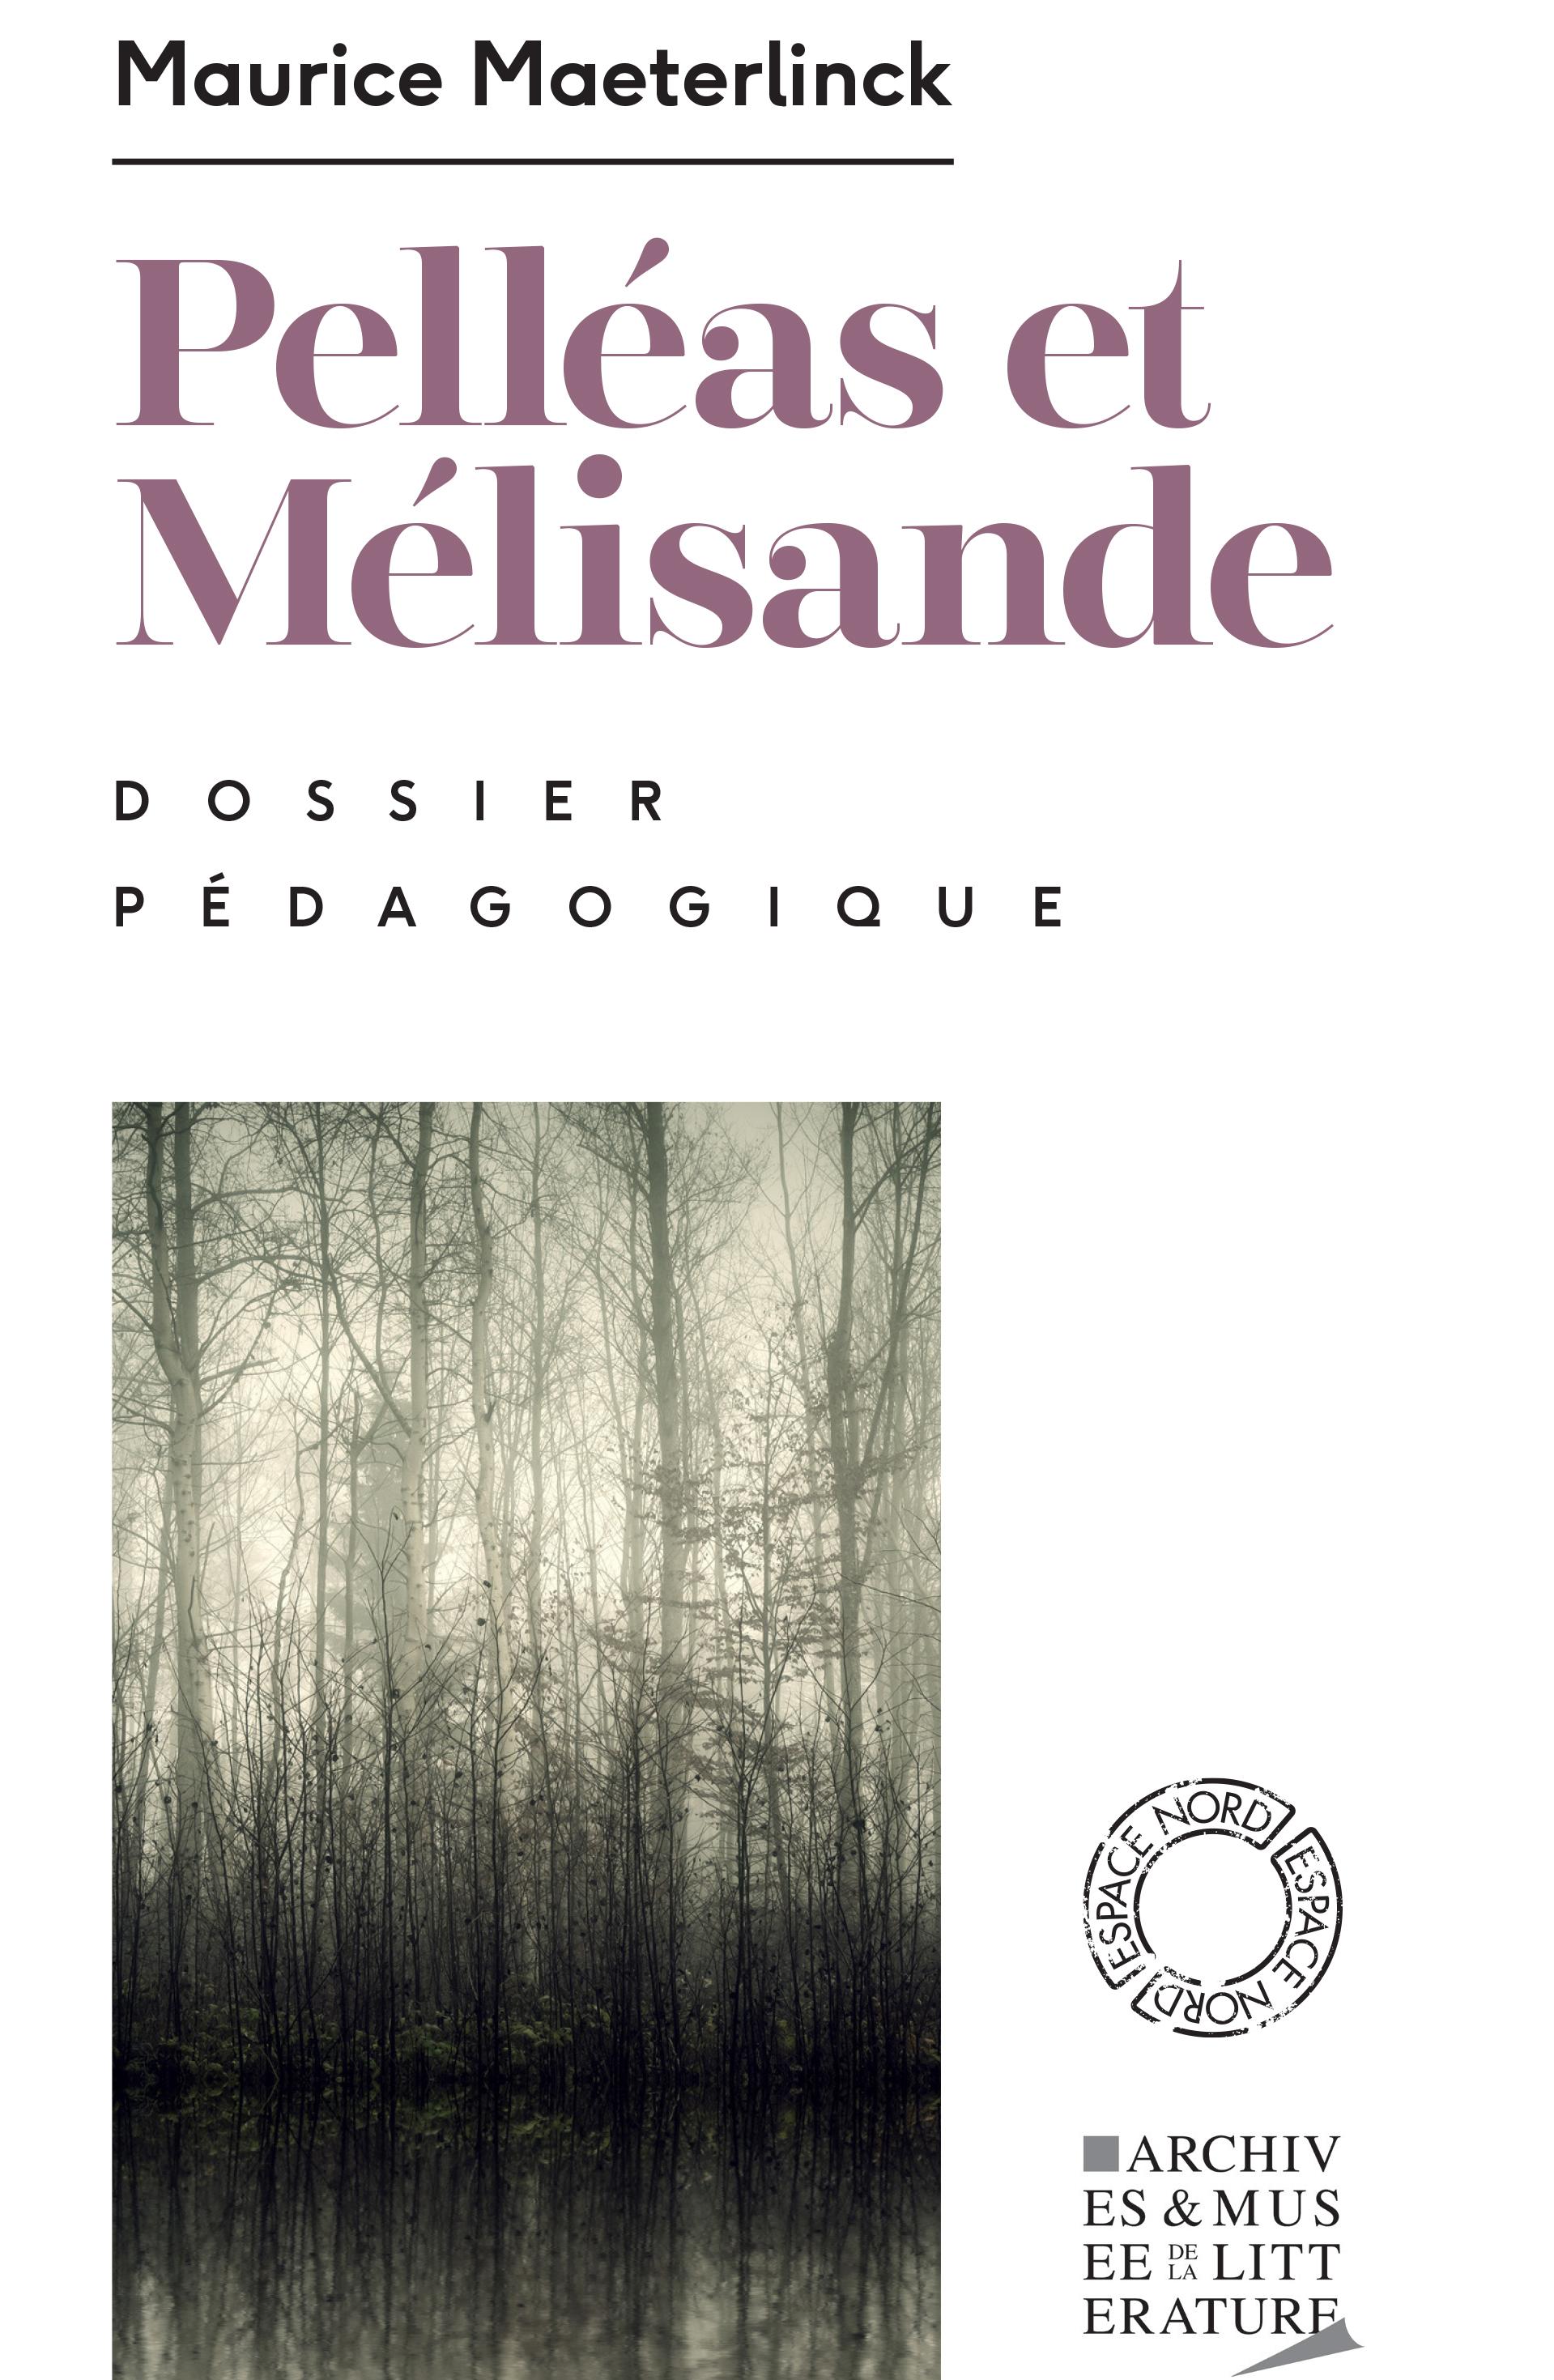 Dossier pédagogique : Pelléas et Mélisande